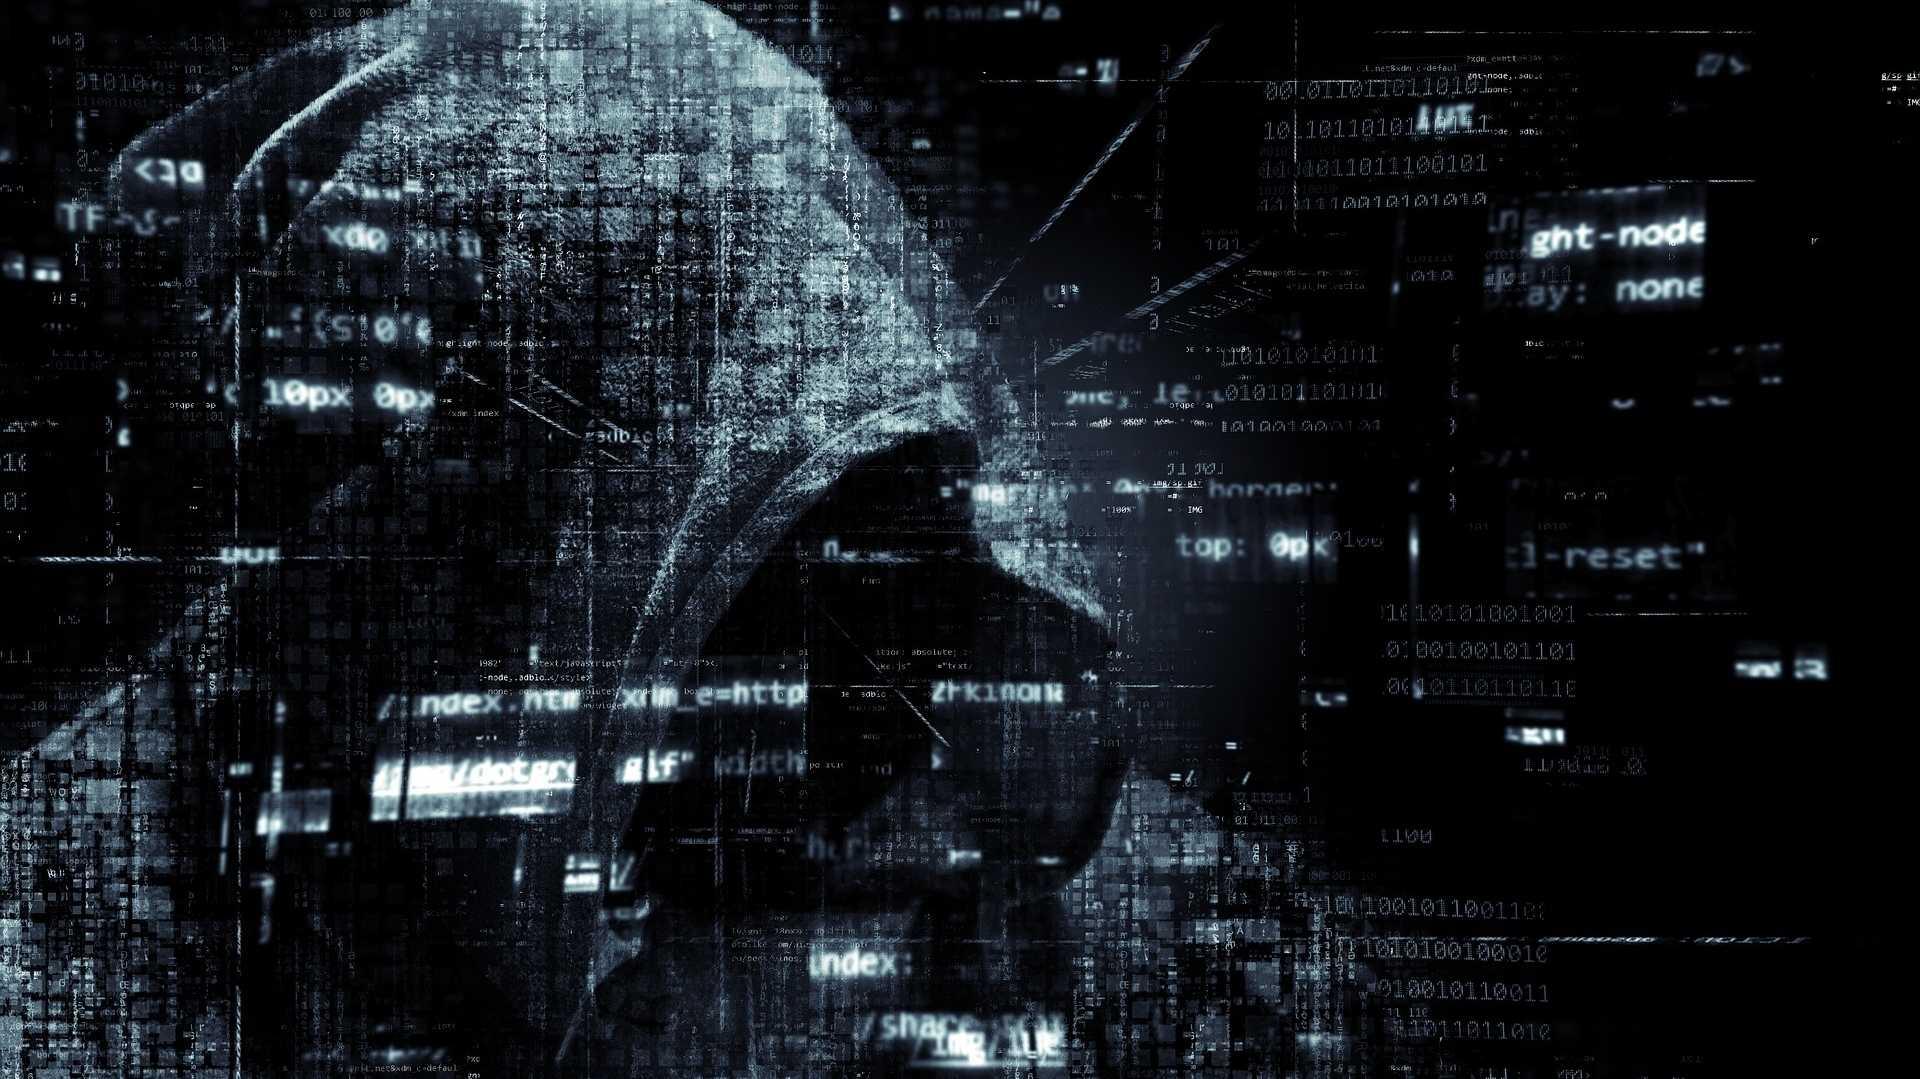 Hacker kapert Datenbank vom Owncloud-Fourm